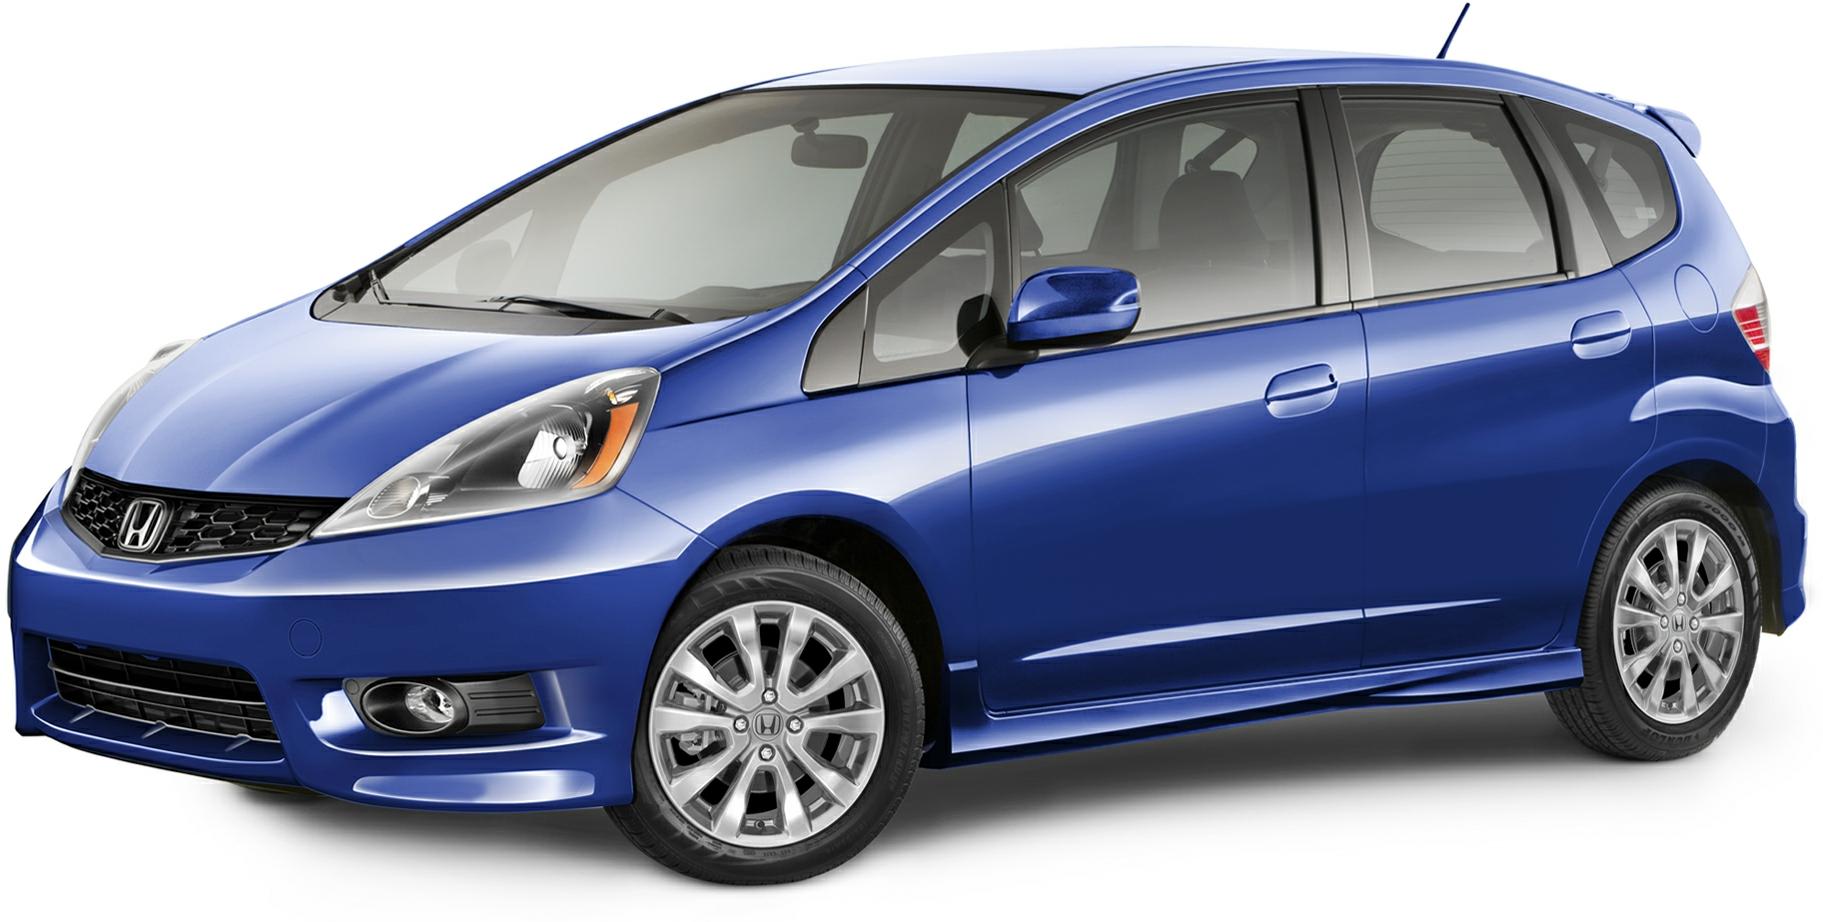 2012 honda fit 5dr hb auto sport brooklyn ny 10250006 for Honda fit deals